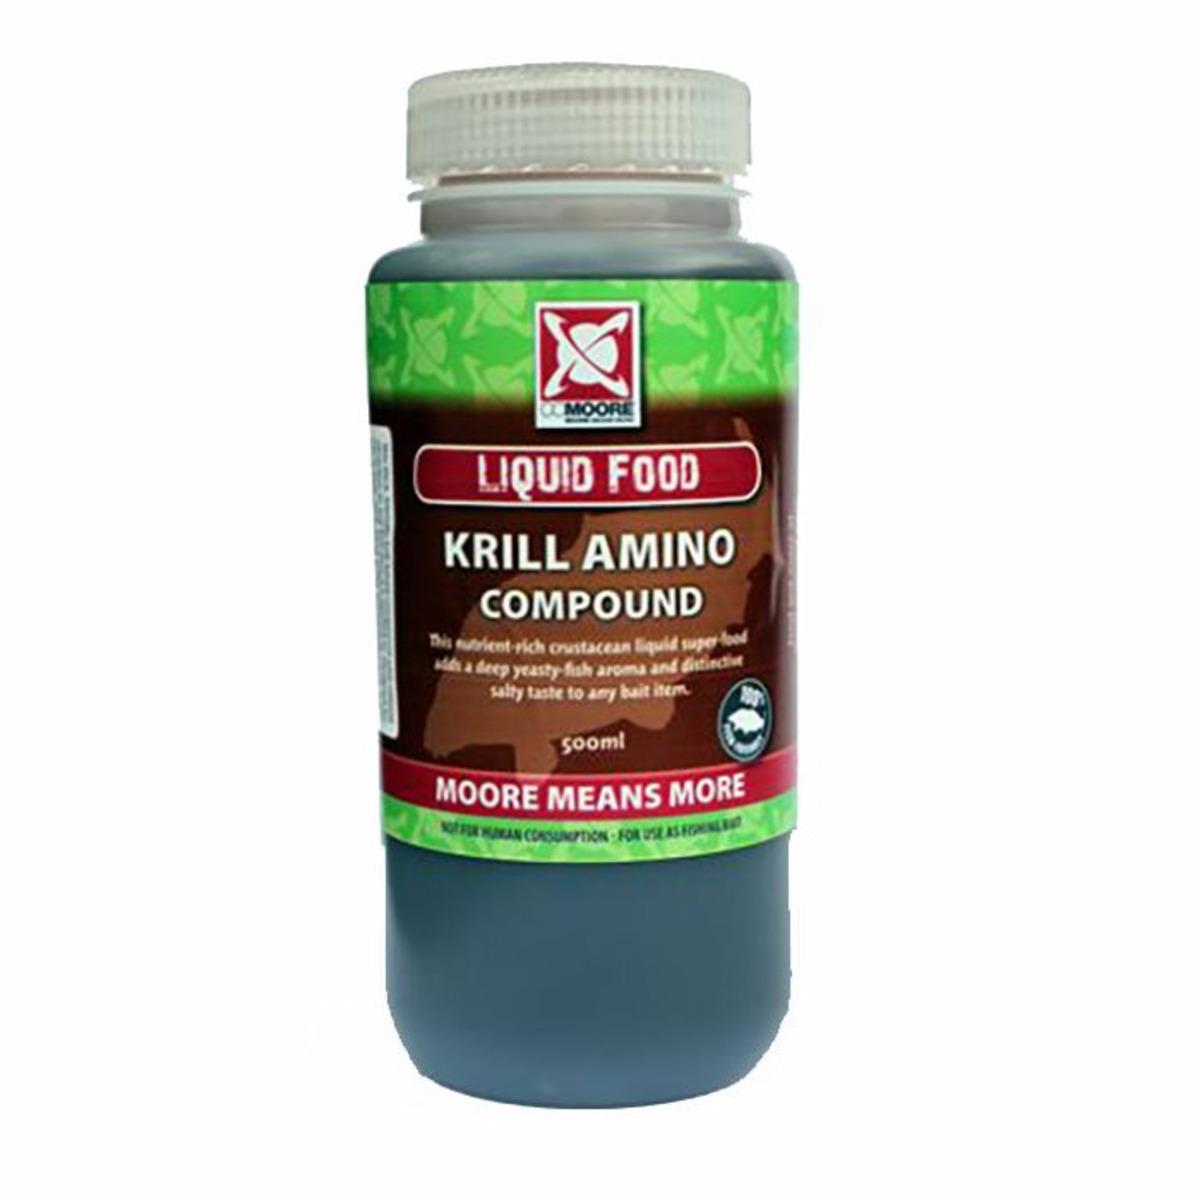 CC Moore Krill Amino Compound - 500 ml